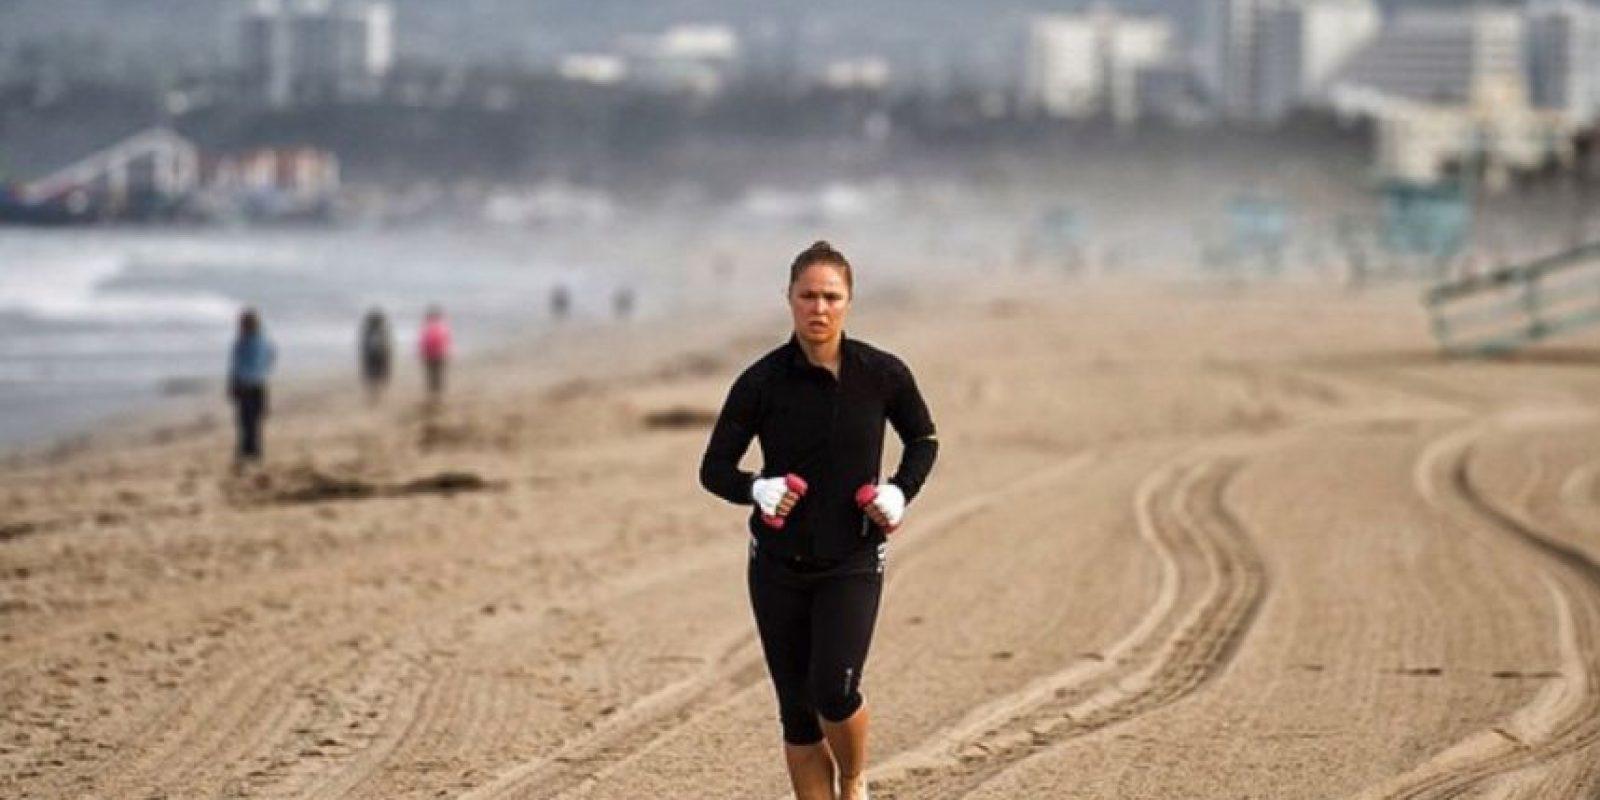 Ronda Rousey planea regresar al octágono en noviembre próximo Foto:Vía instagram.com/rondarousey. Imagen Por: